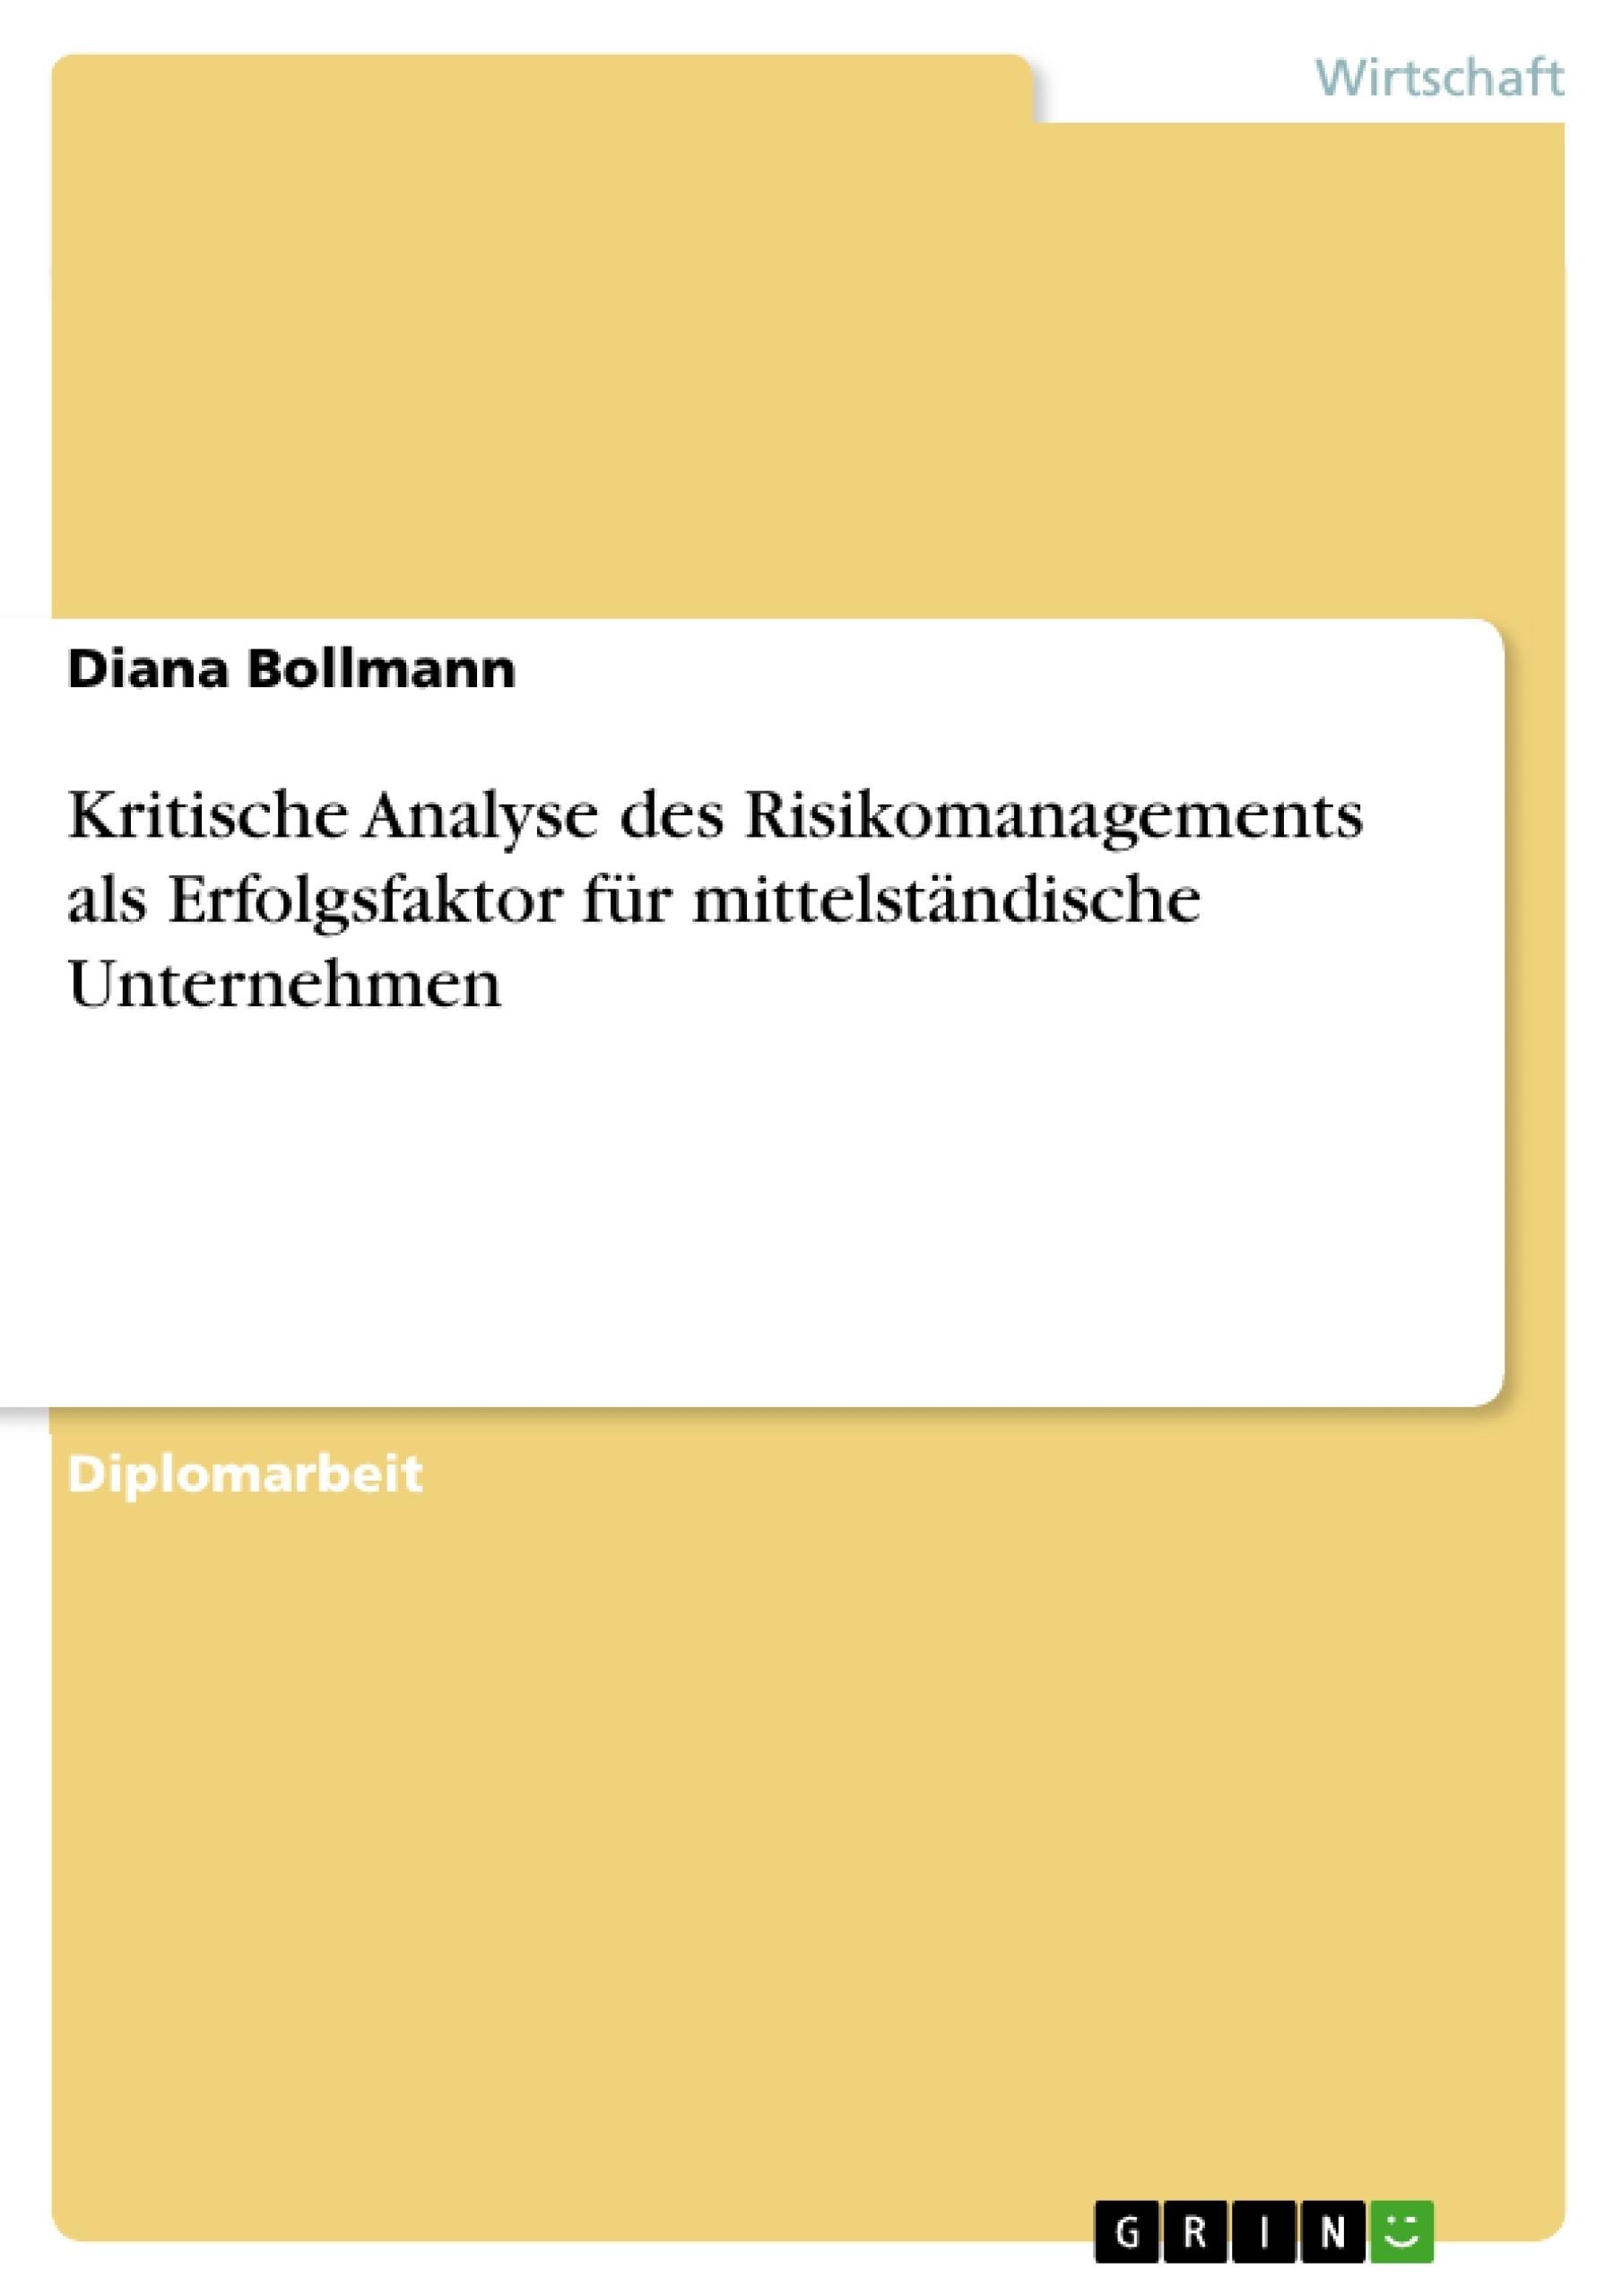 Titel: Kritische Analyse des Risikomanagements als Erfolgsfaktor für mittelständische Unternehmen